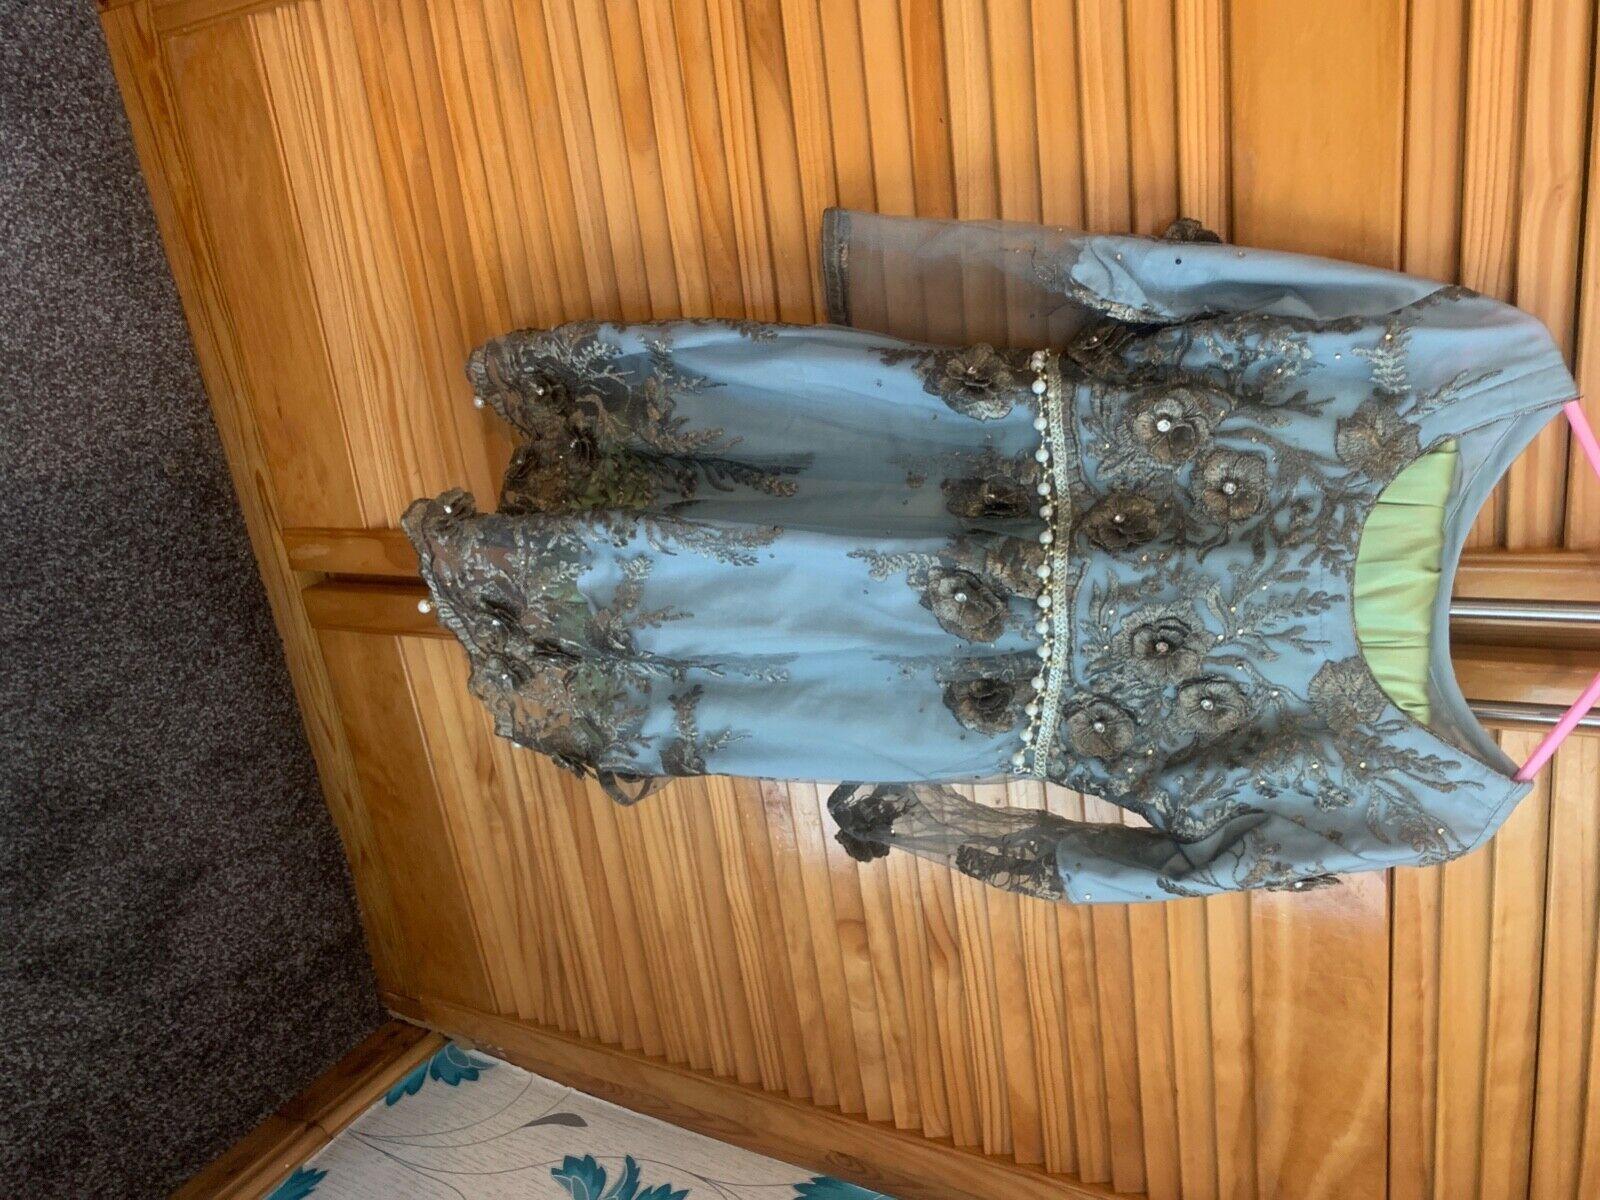 pakistani Girls Dress size 26